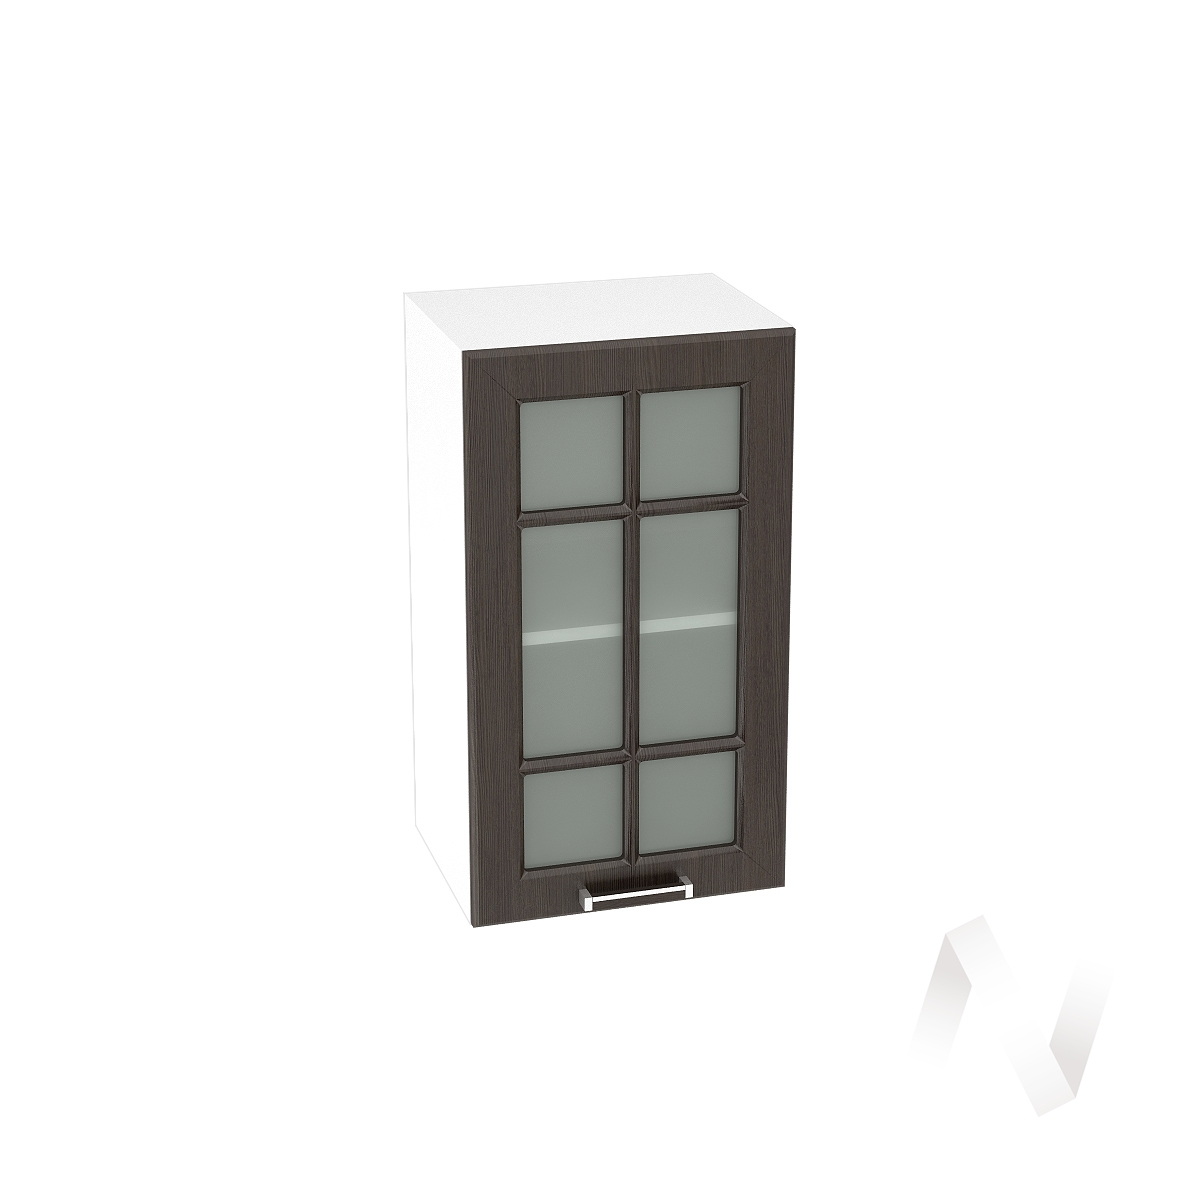 """Кухня """"Прага"""": Шкаф верхний со стеклом 400, ШВС 400 (венге/корпус белый)"""